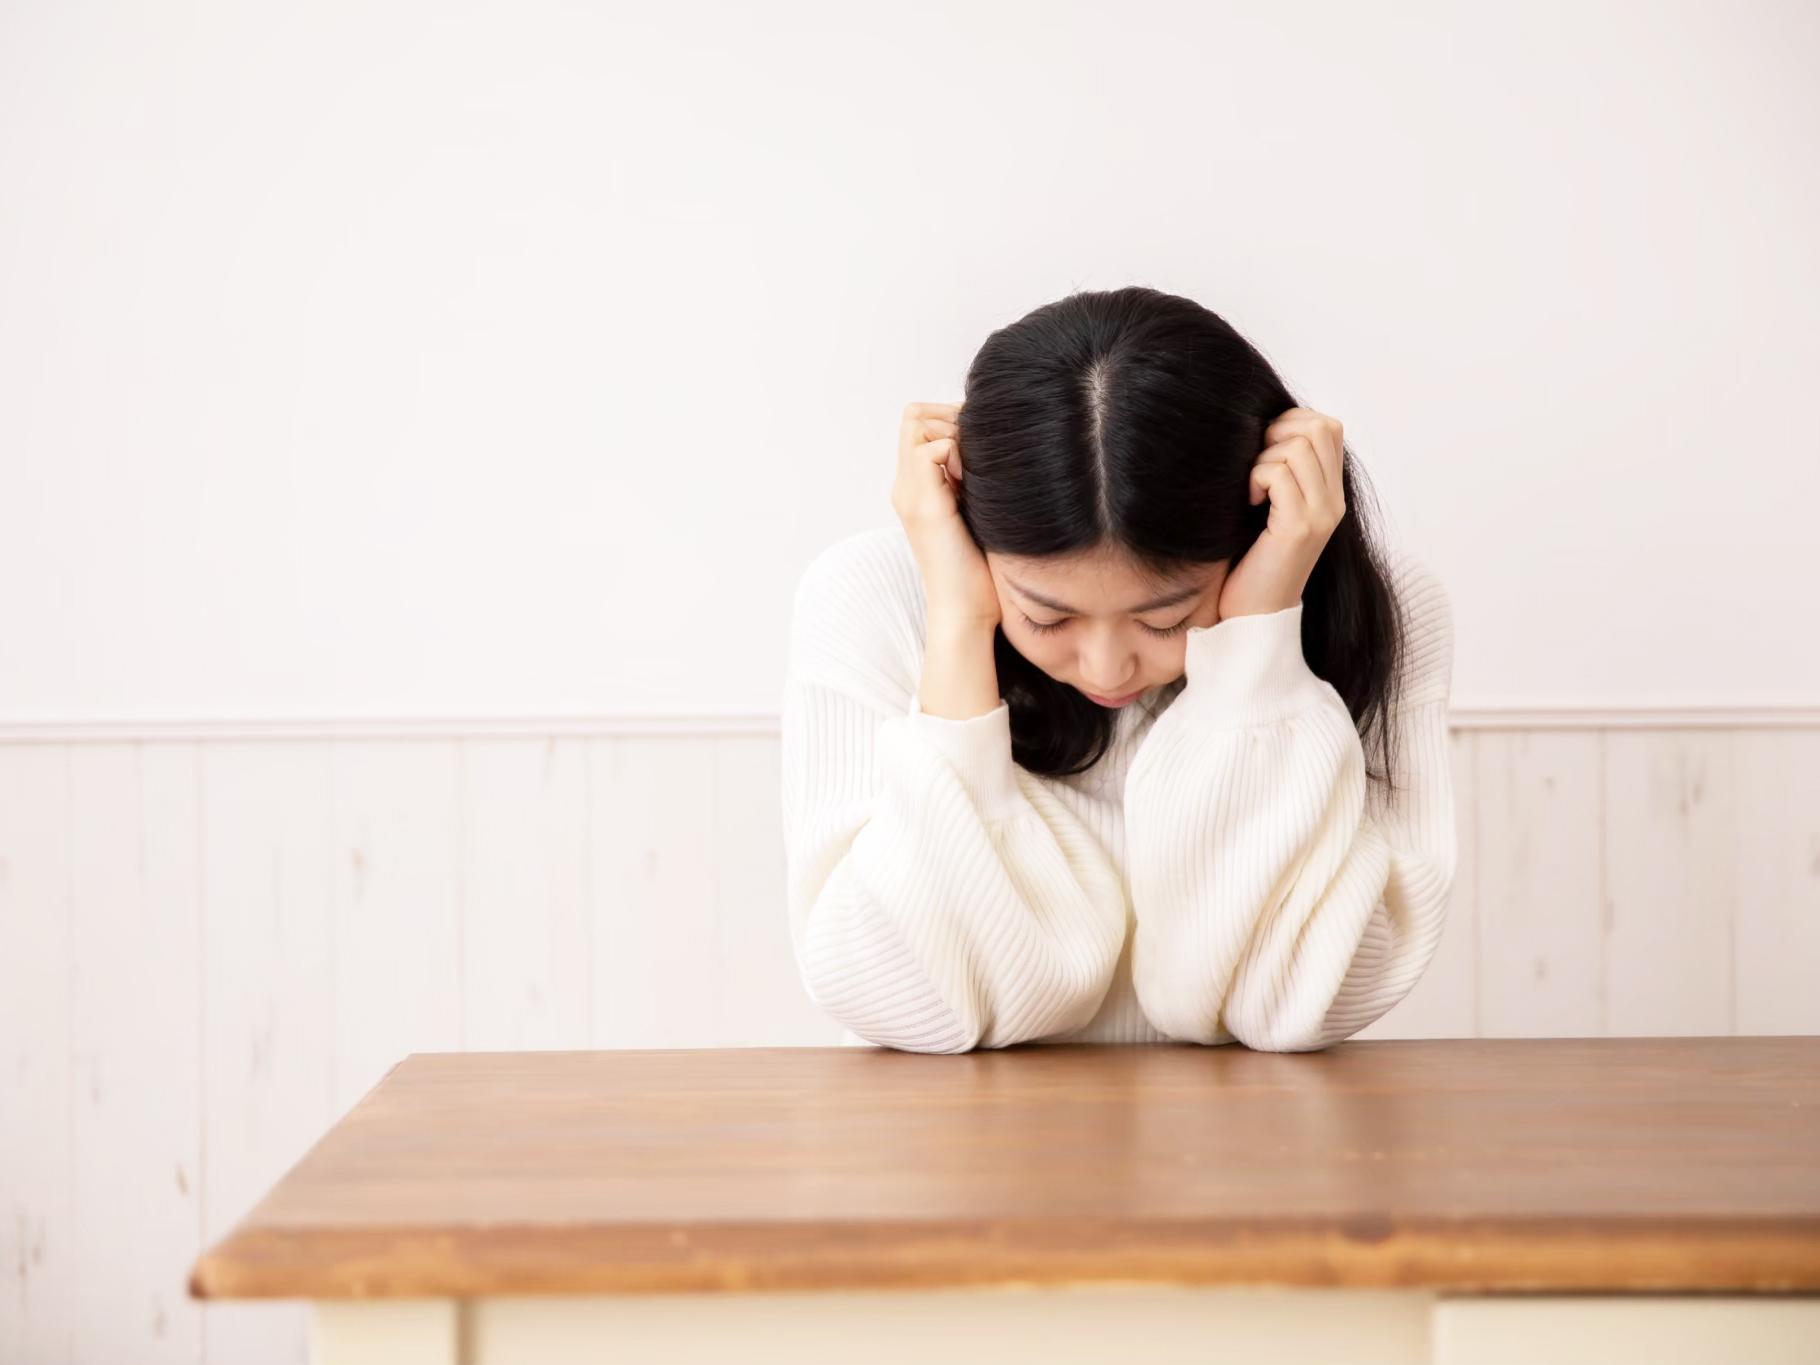 コロナうつとは?症状の特徴や原因について